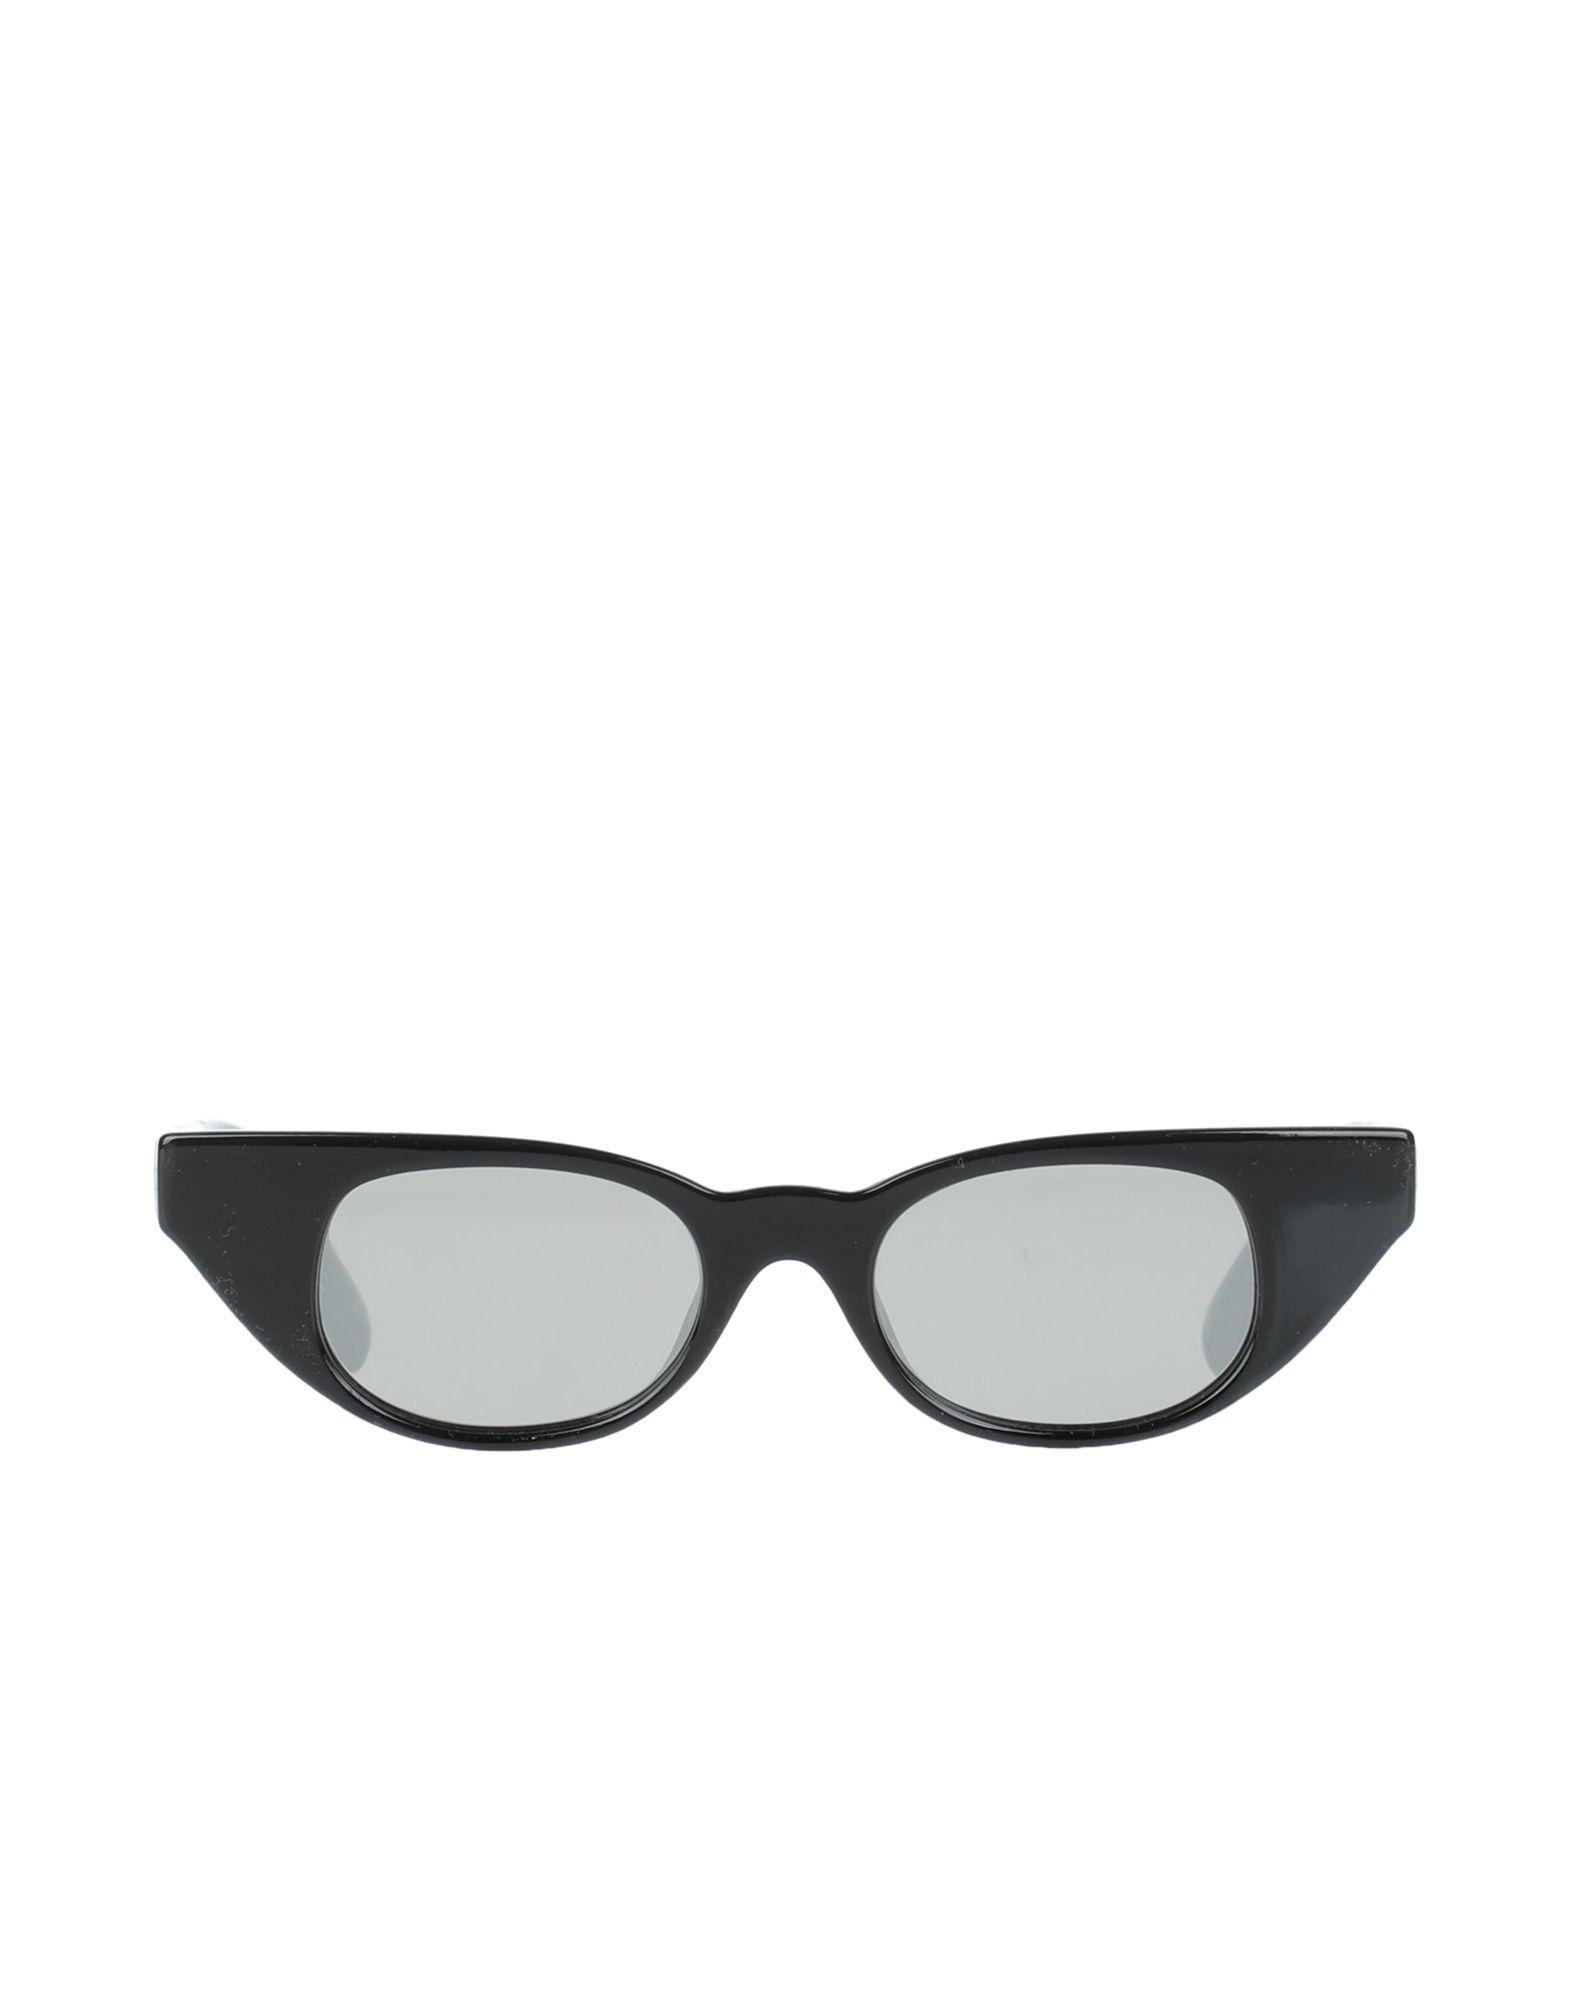 ADAM SELMAN x LE SPECS Sunglasses - Item 46685525